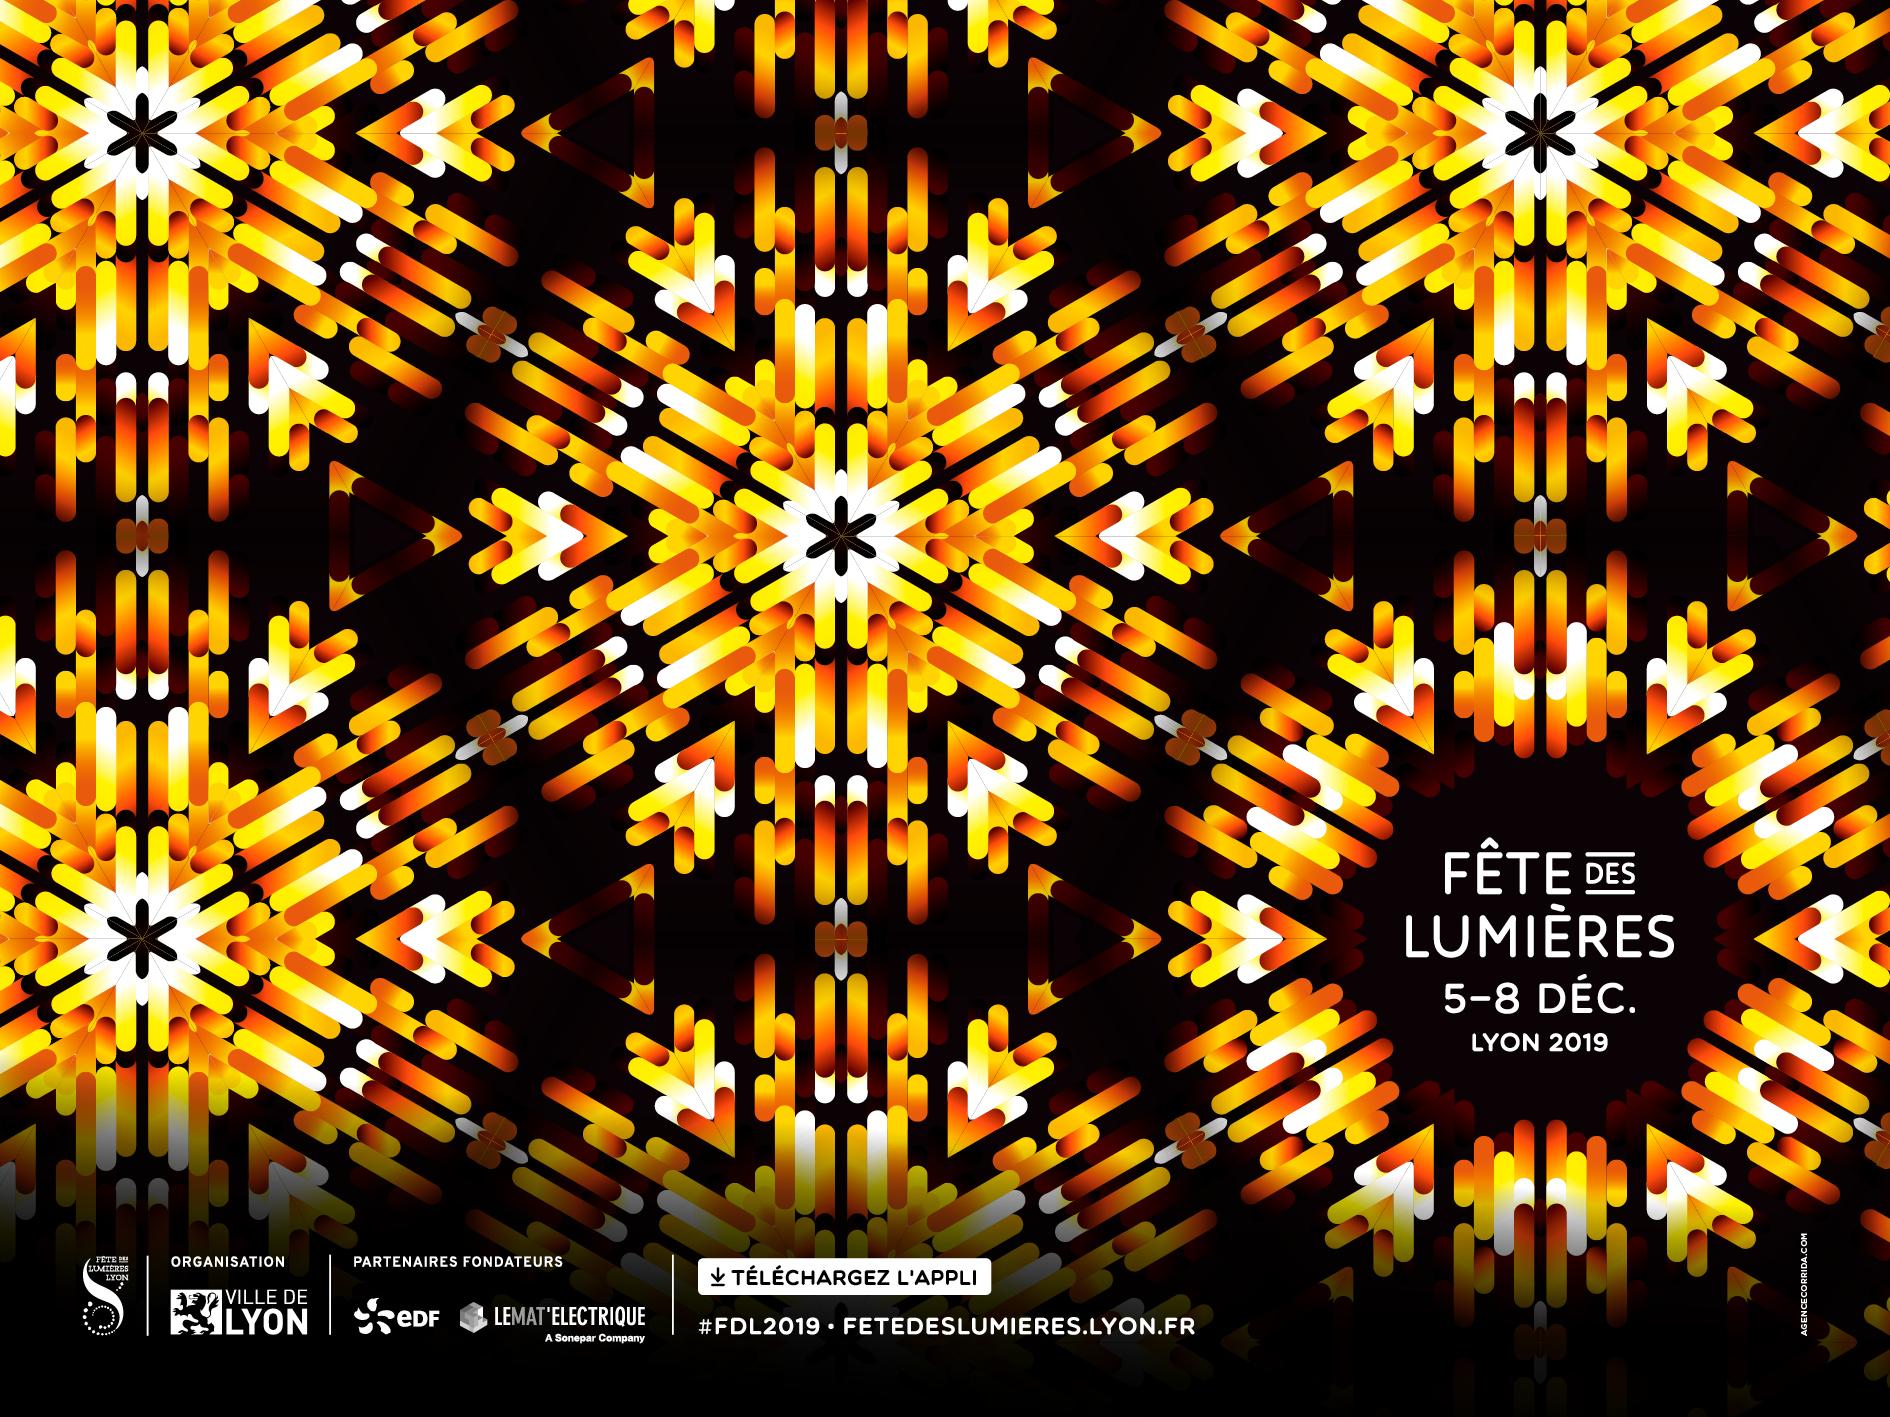 Charvet official partner of the Festival of Lights in Lyon